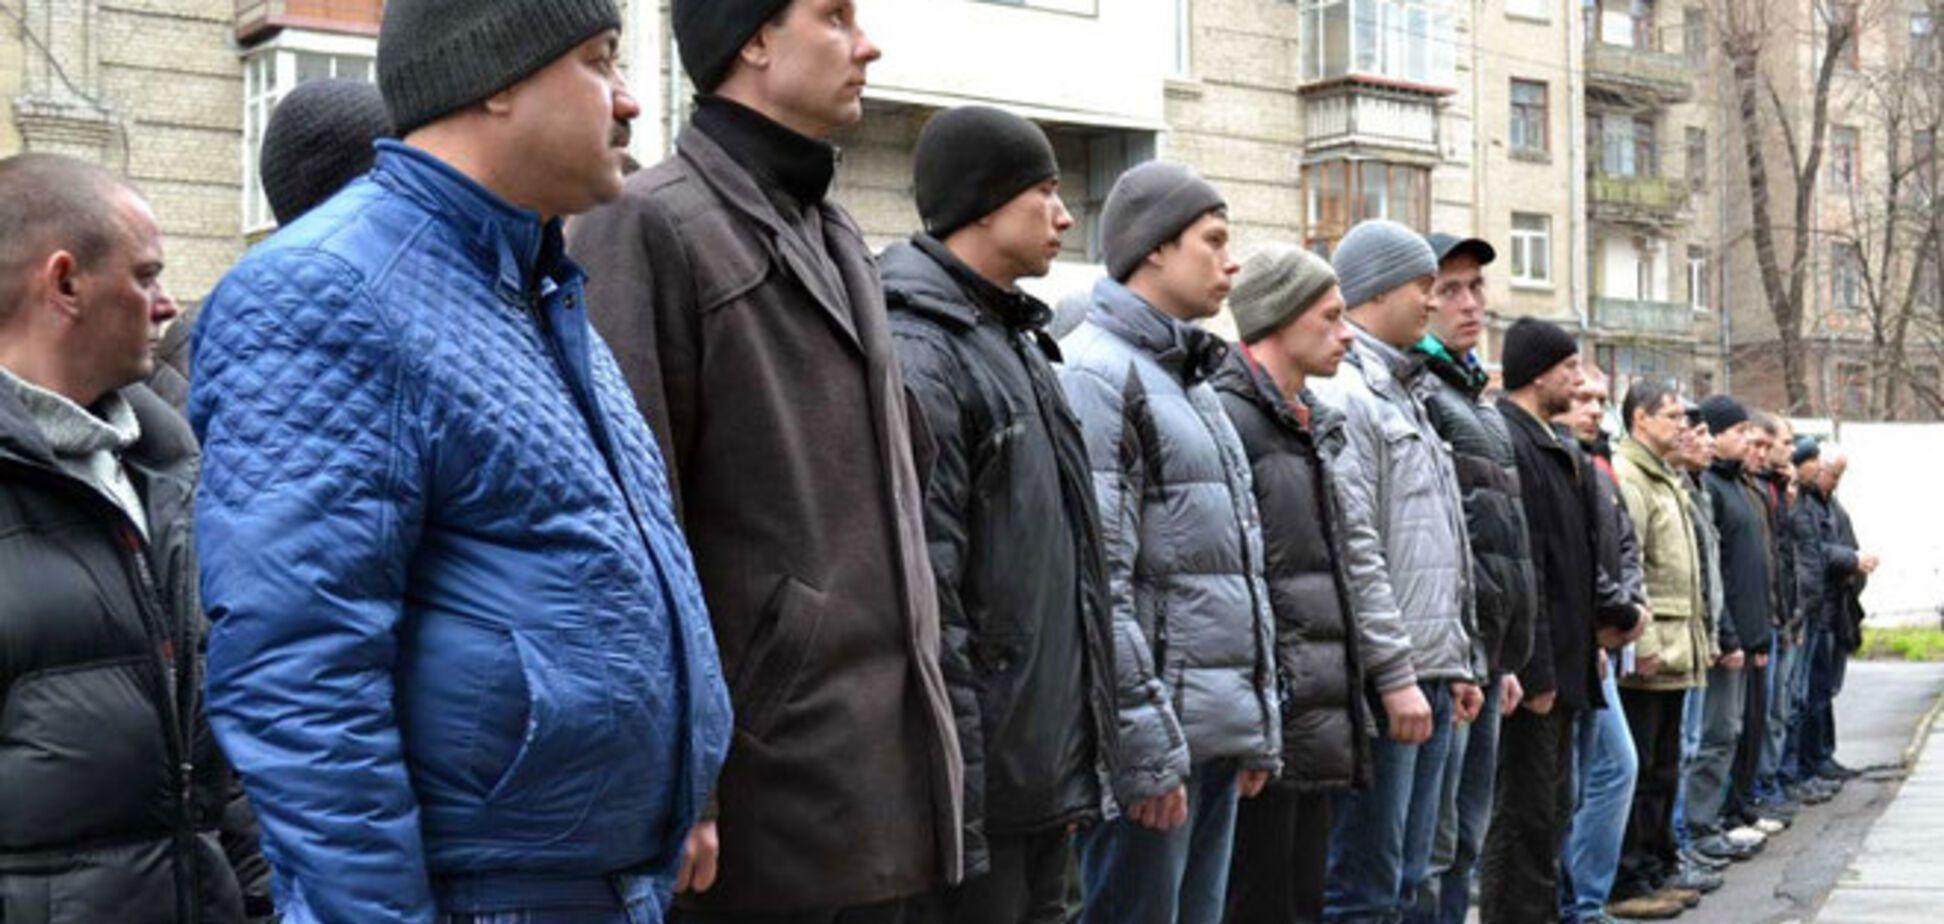 Половина призванных по мобилизации к службе в ВСУ непригодны - Минобороны